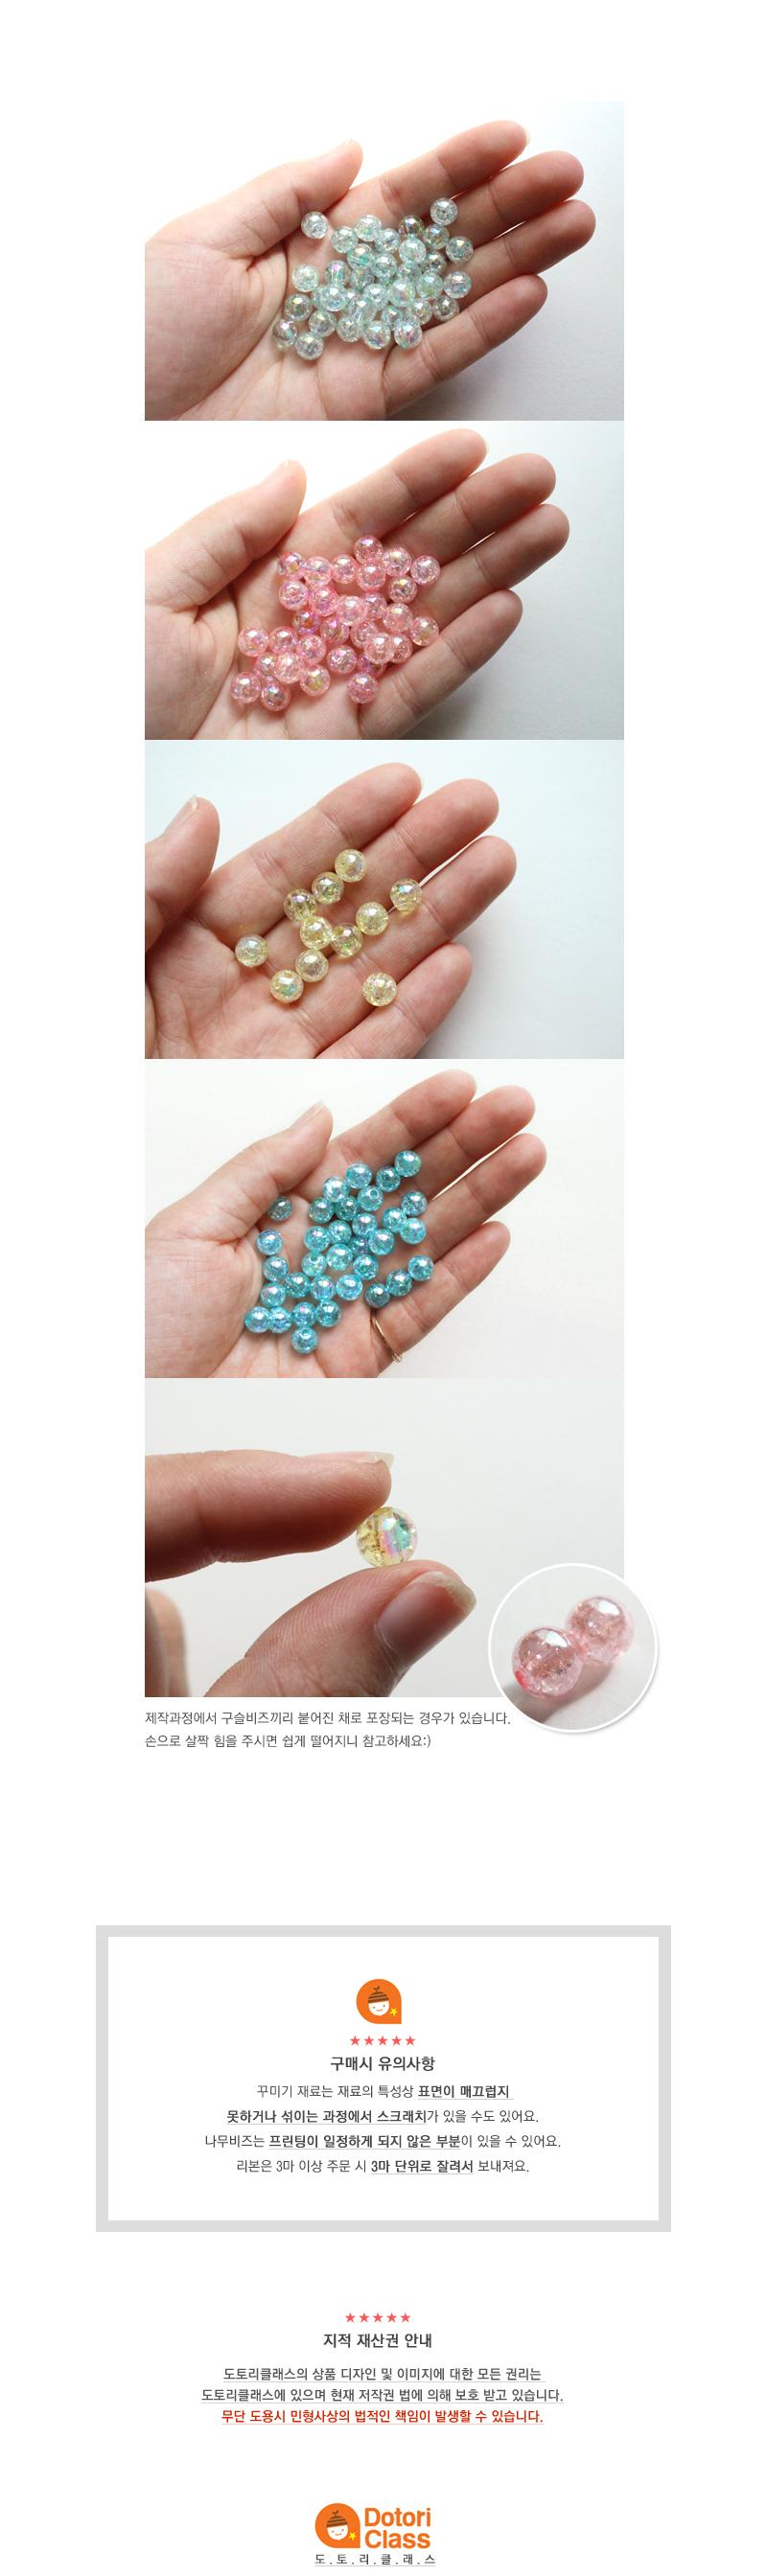 투명무지갯빛구슬100p_3종 - 도토리클래스, 3,500원, 비즈공예, 비즈